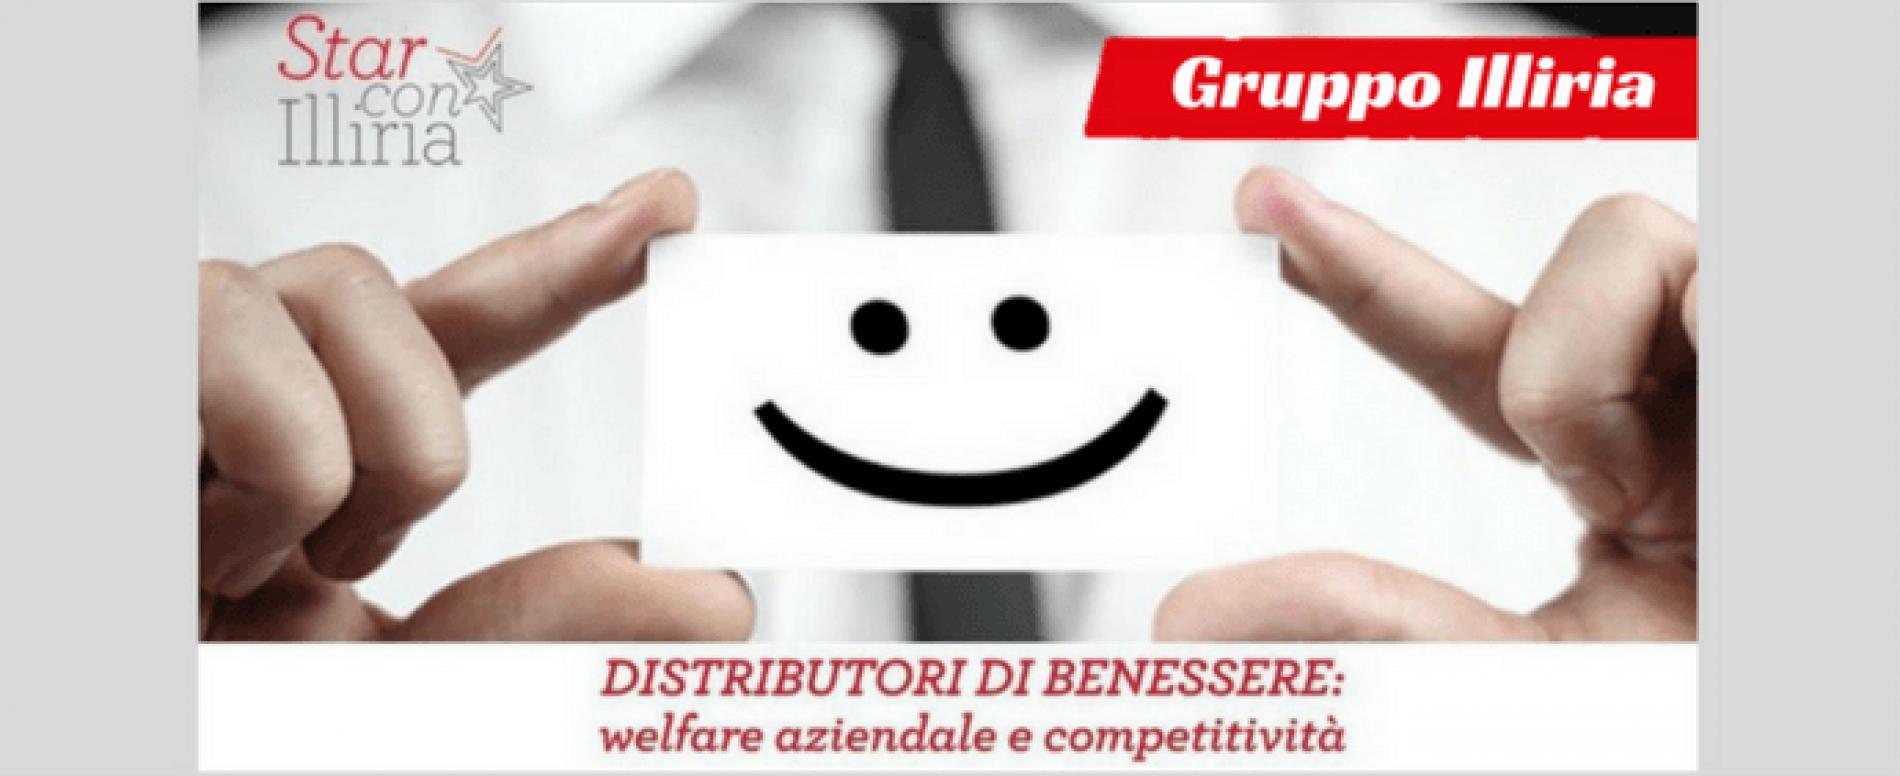 Con la chiavetta di Gruppo Illiria cresce il welfare aziendale